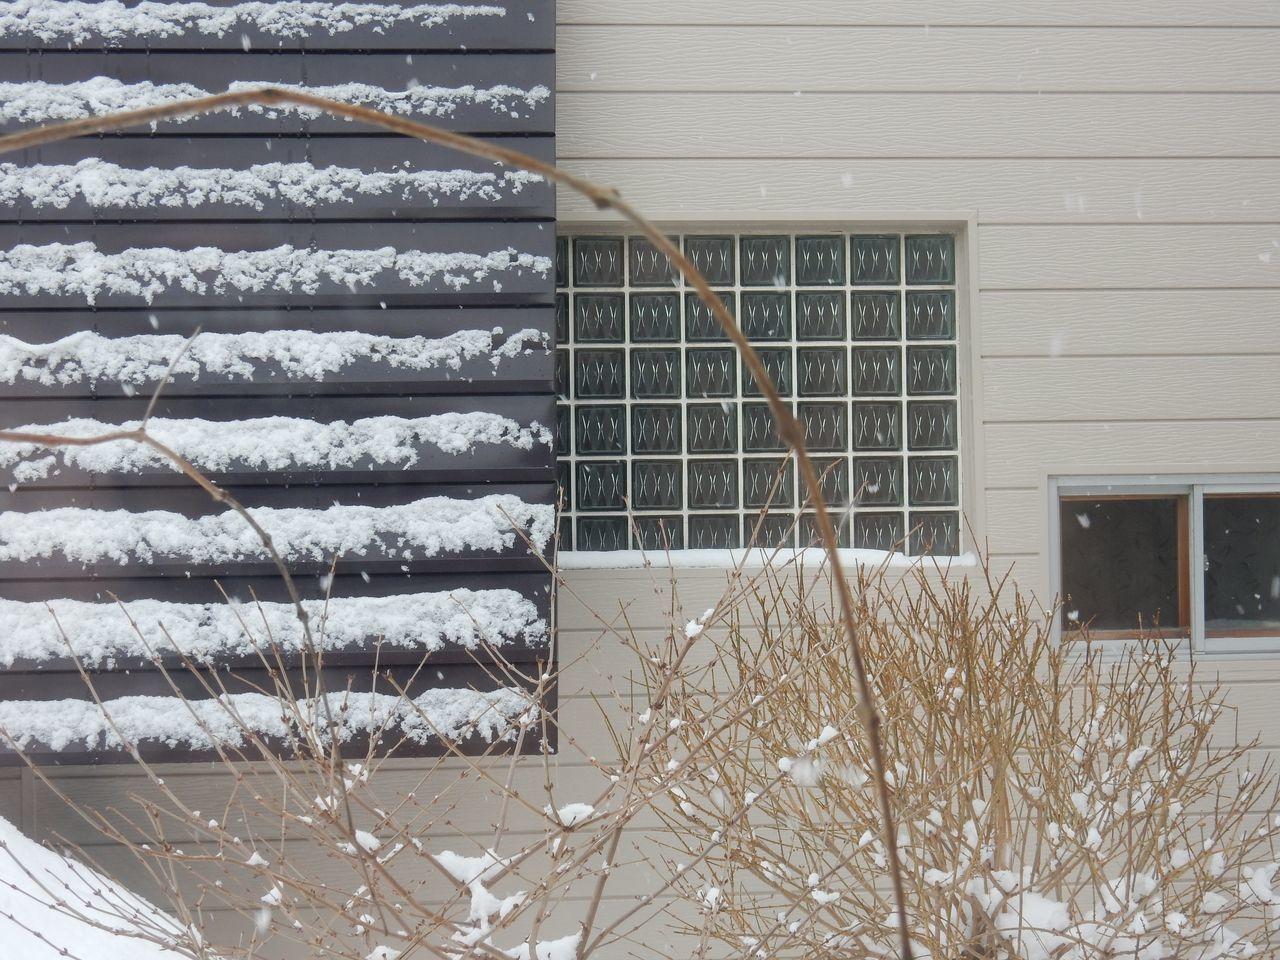 寒さが底を脱したかもしれない日、積雪深が昨年を追い越す_c0025115_20304604.jpg